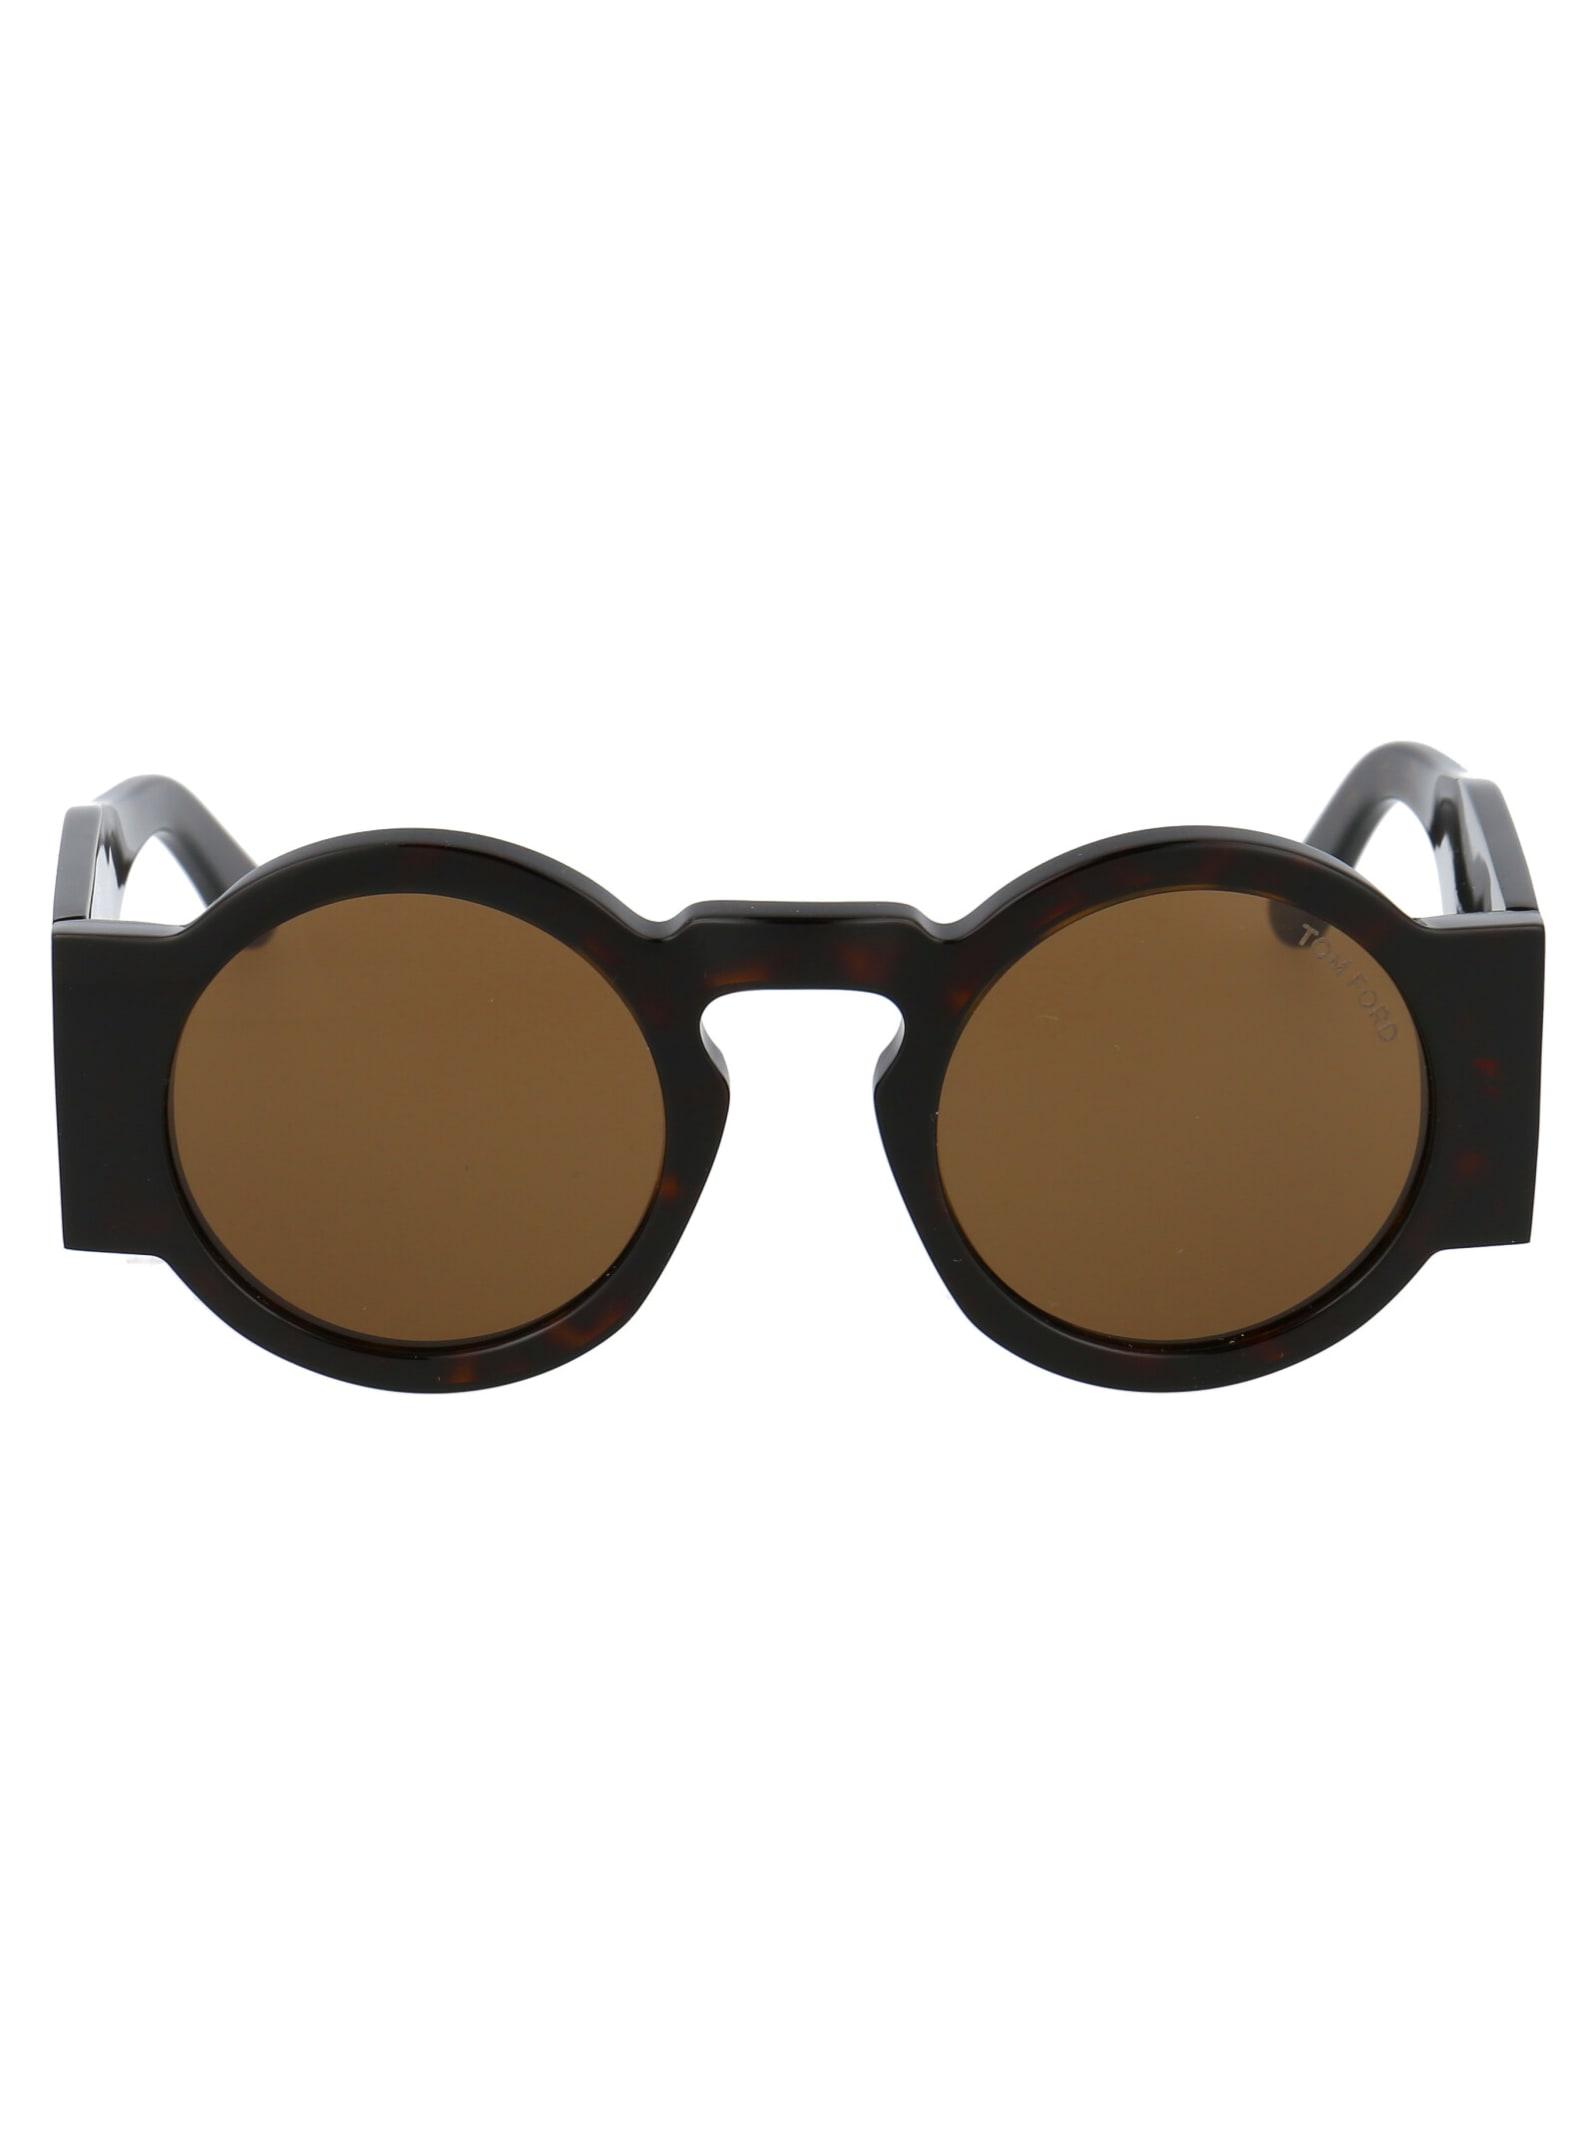 Tatiana-02 Sunglasses